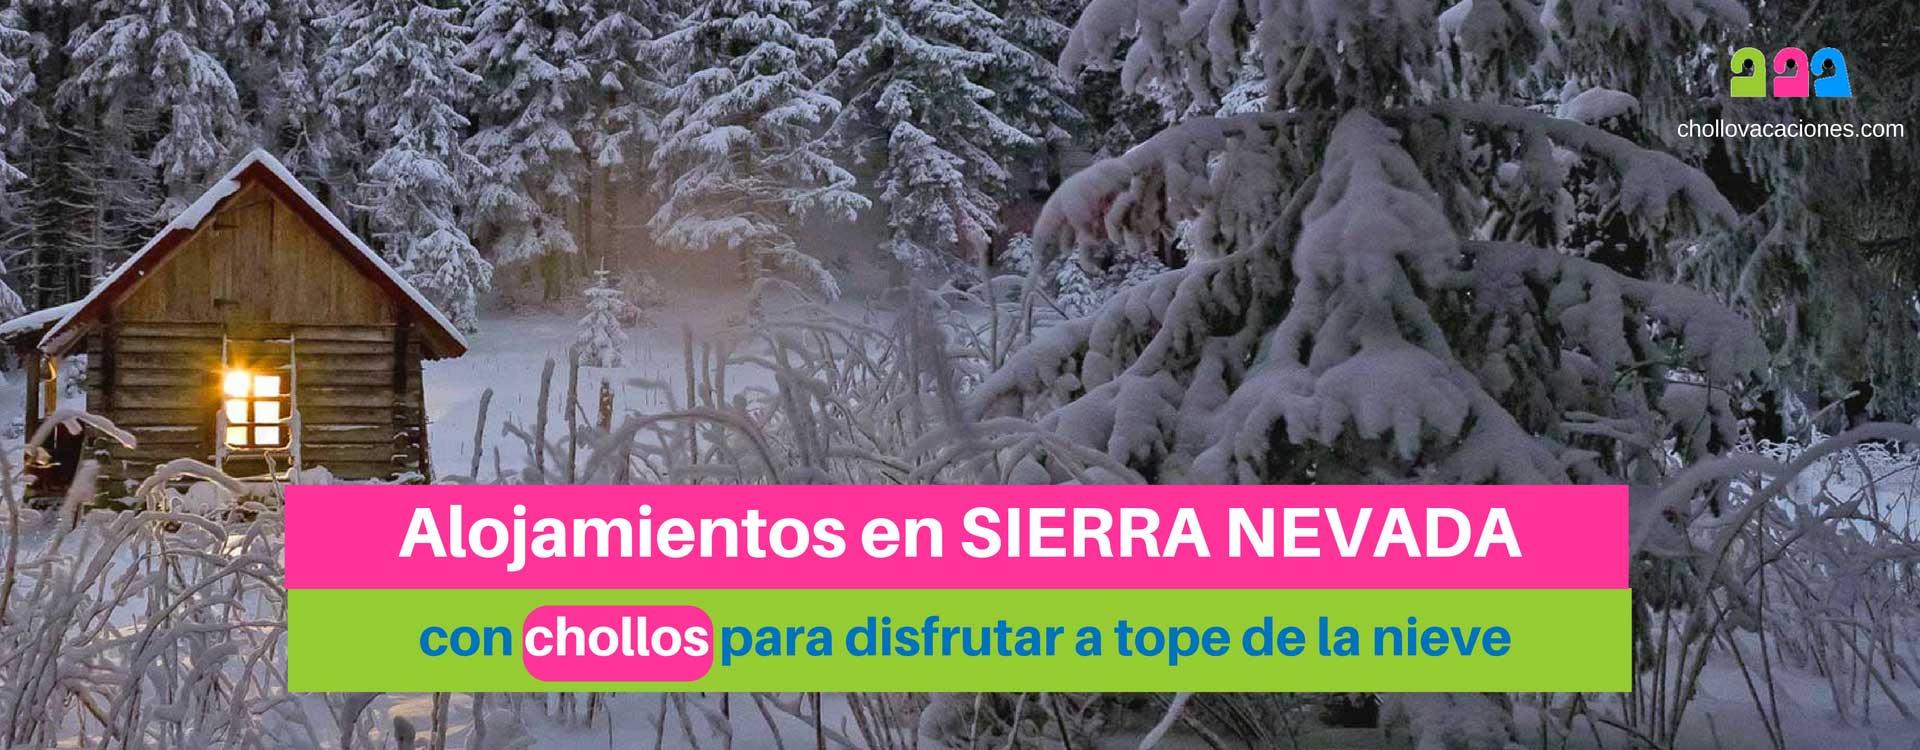 Hoteles en sierra nevada y apartamentos con chollos para - Hotel en sierra nevada con spa ...